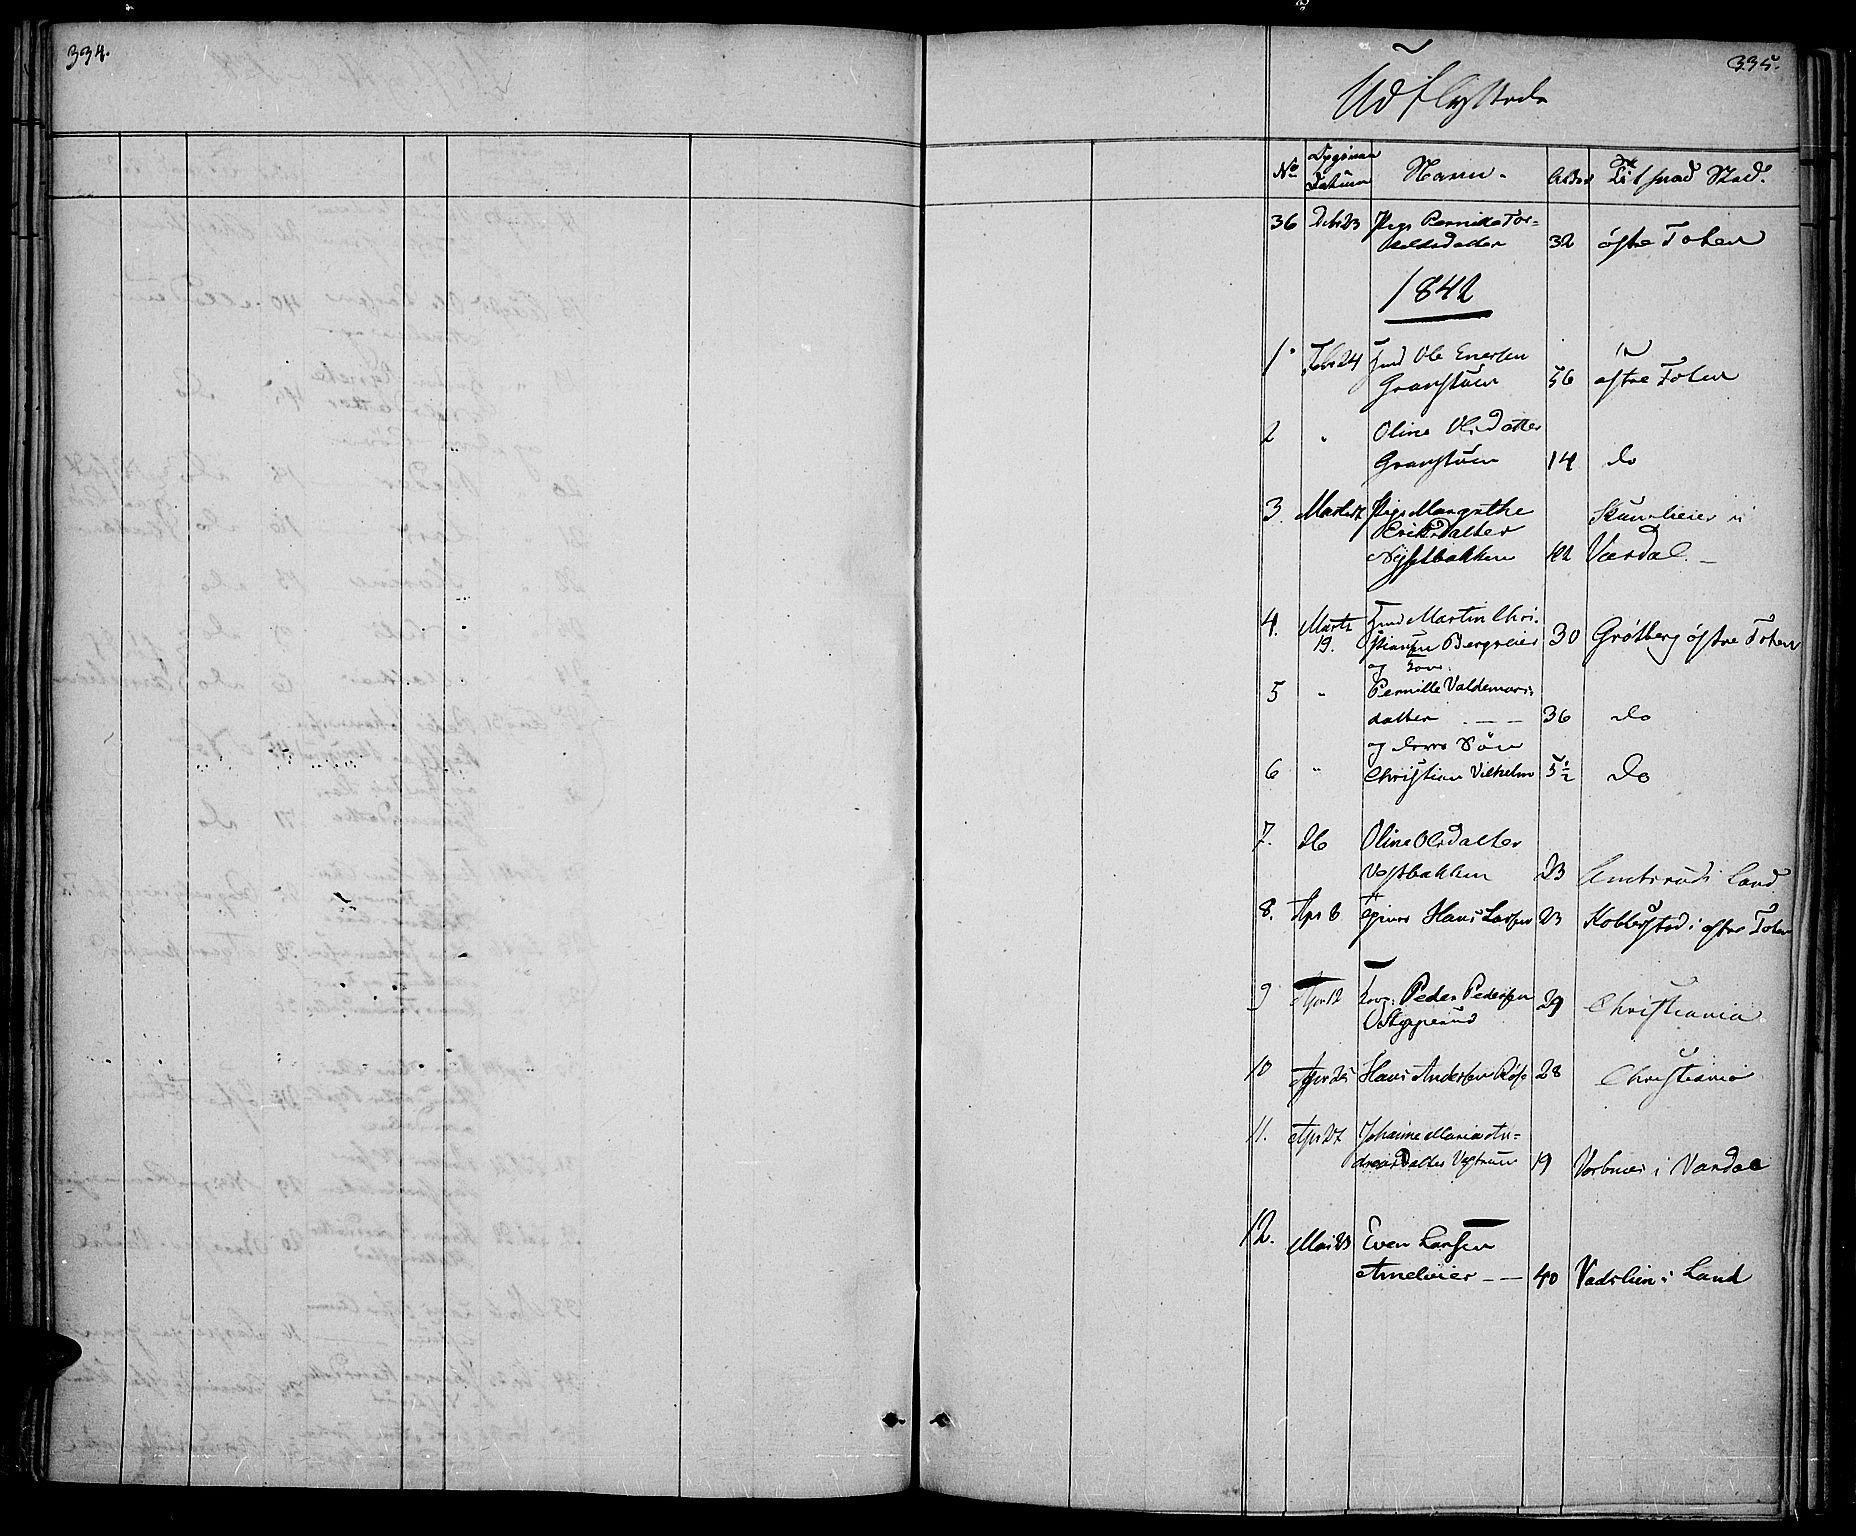 SAH, Vestre Toten prestekontor, Ministerialbok nr. 3, 1836-1843, s. 334-335